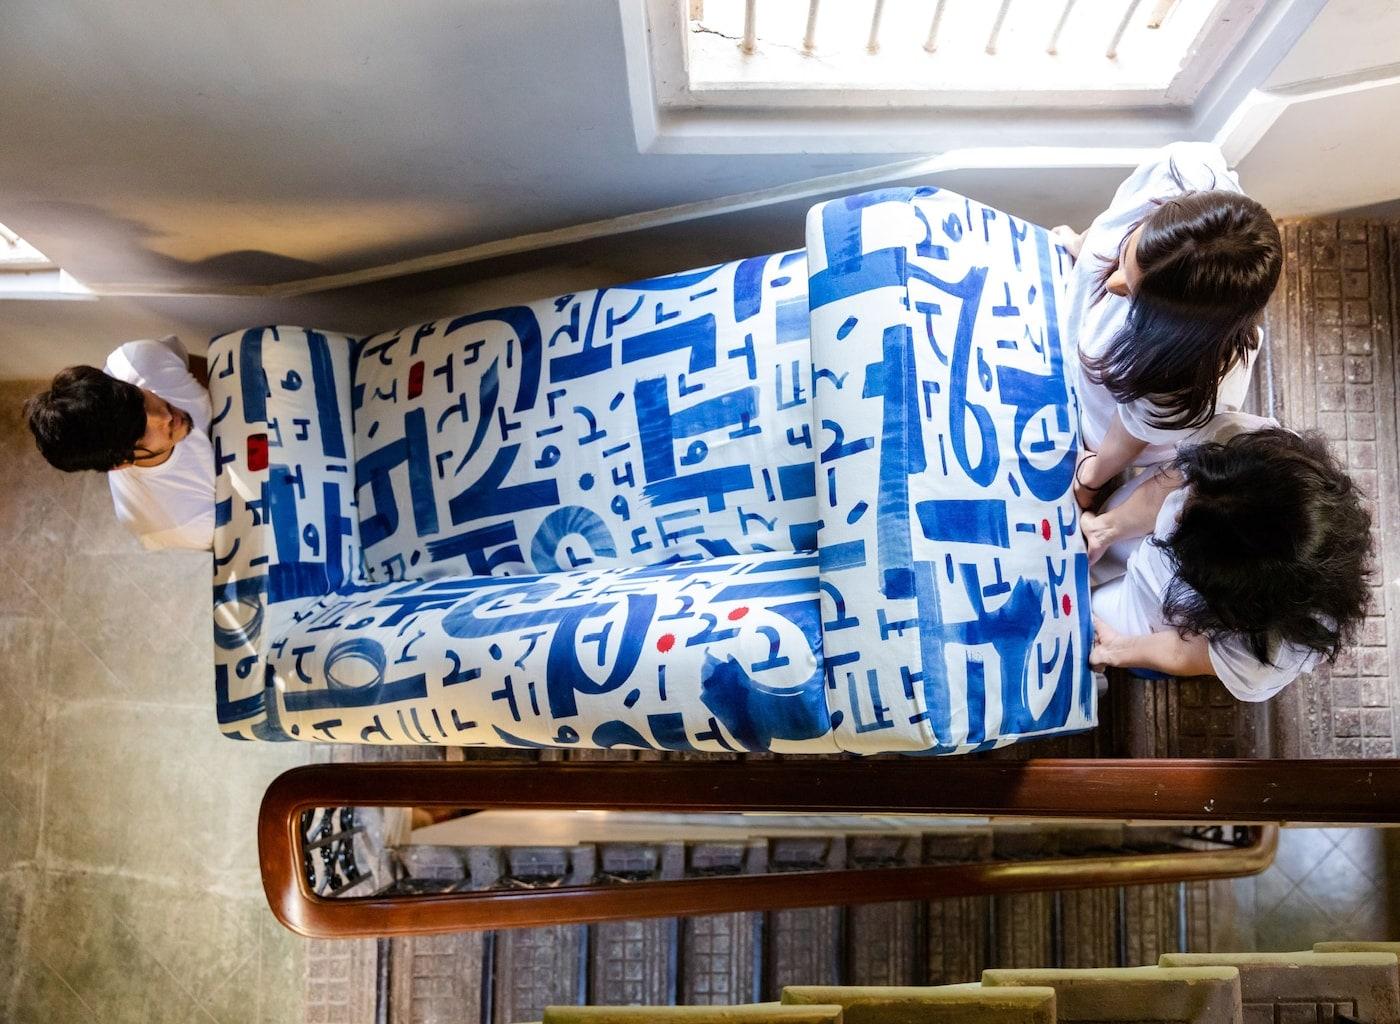 Tři lidé s tmavými vlasy nesou pohovku KLIPPAN v modro-bílém potahu nahoru po schodech